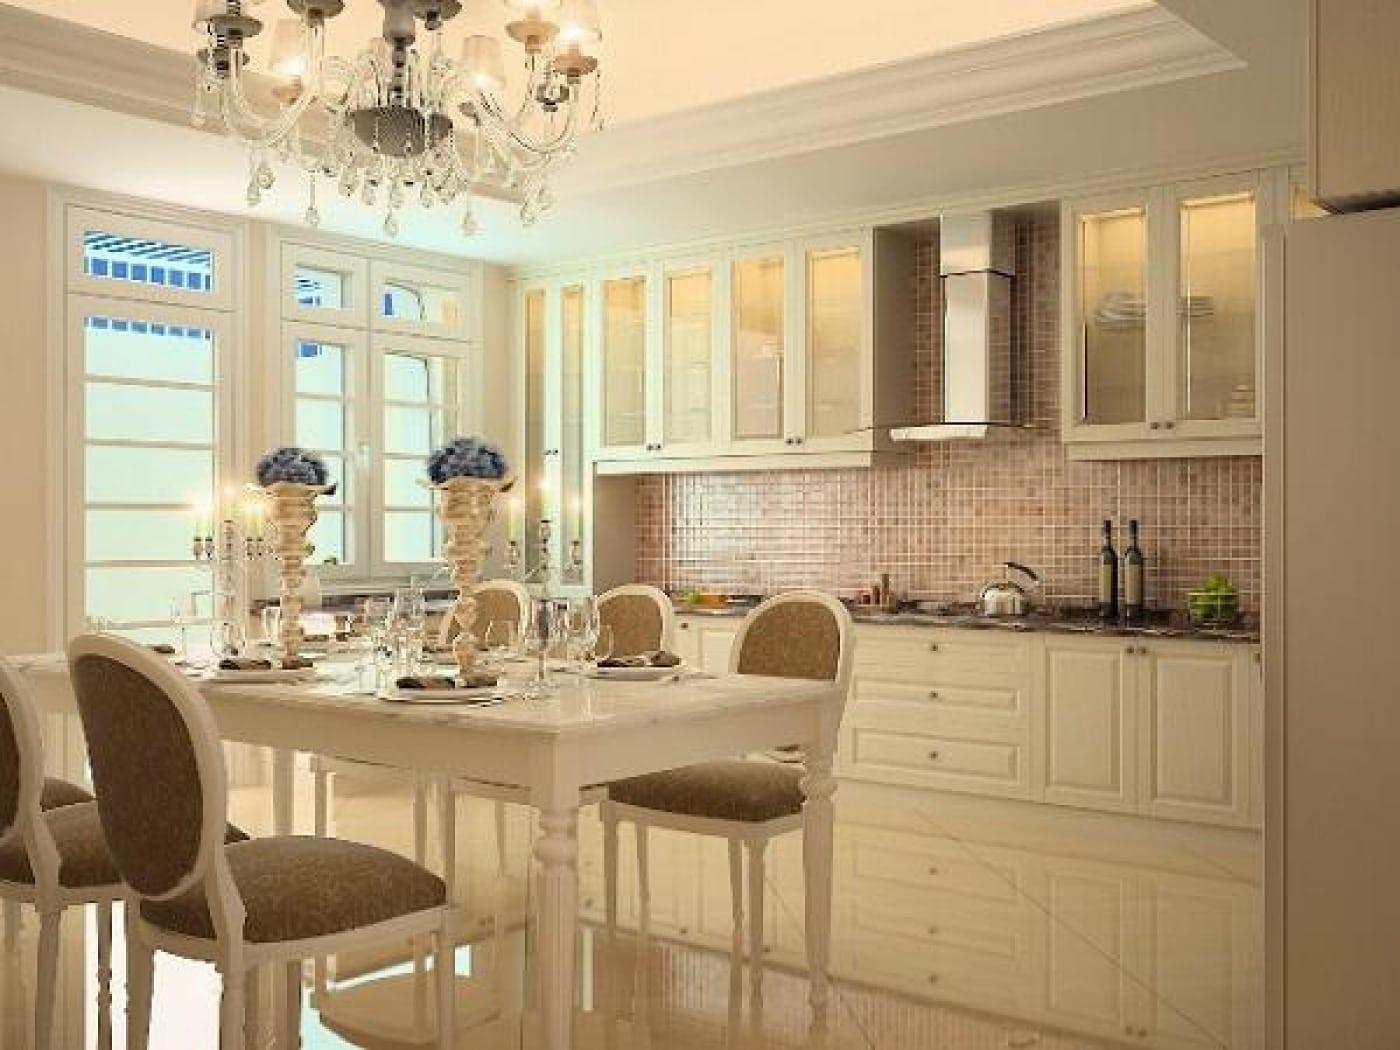 8-phong-cach-thiet-ke-noi-that-chung-cu-dep-my-man-ai-cung-me-59-a3f390 [Kiến thức] Thiết kế nội thất bếp phòng ăn như thế nào?